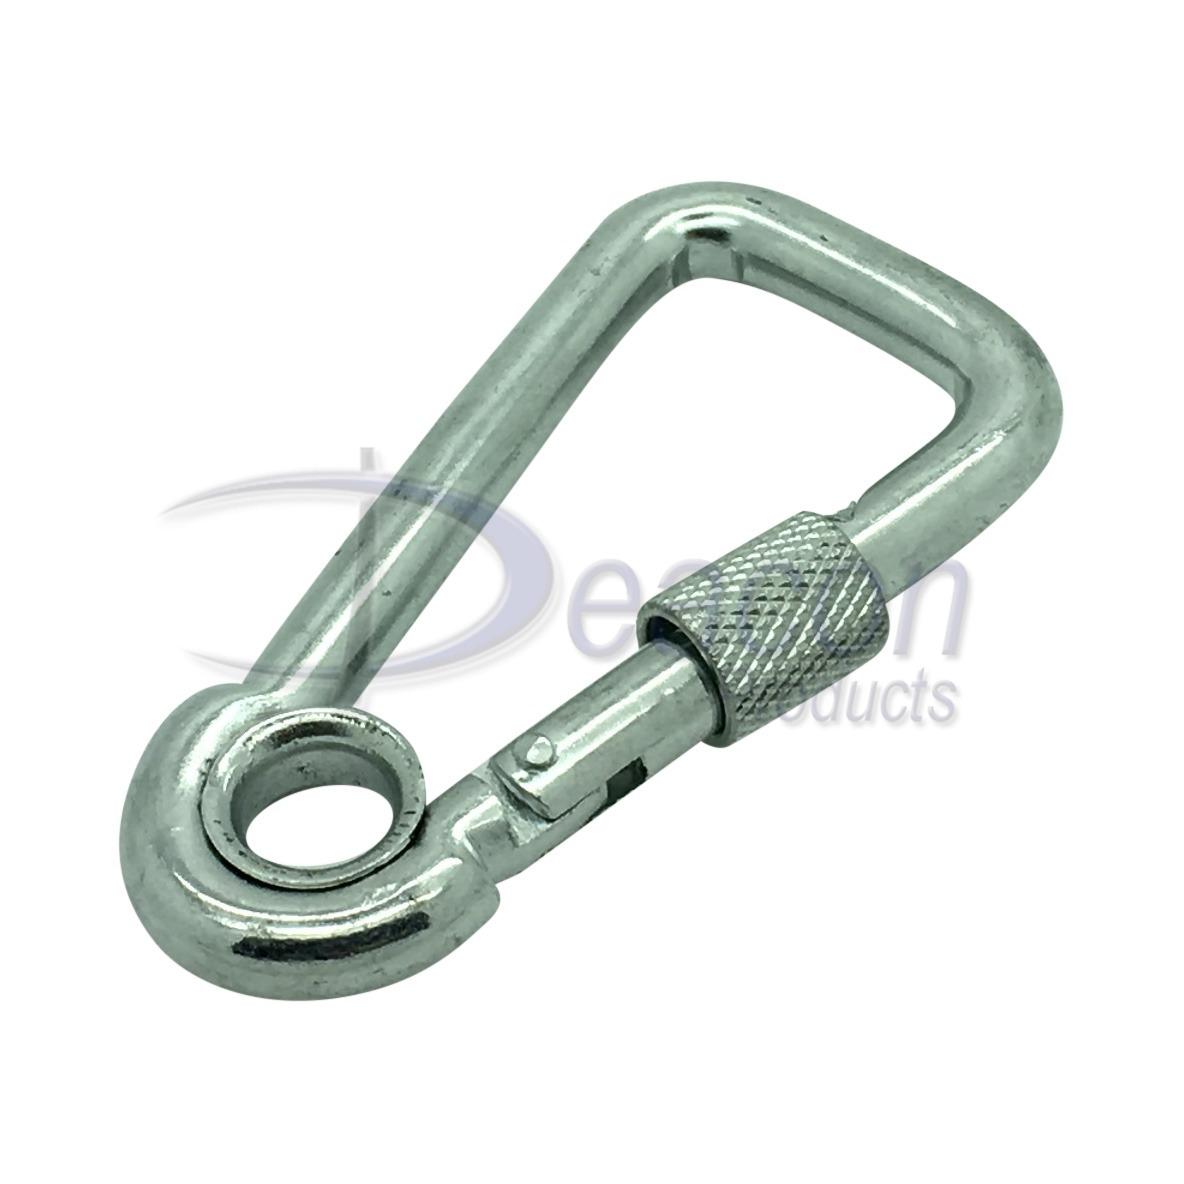 zinc-plated-asymmetric-carbine-hook-eyelet-screwgate